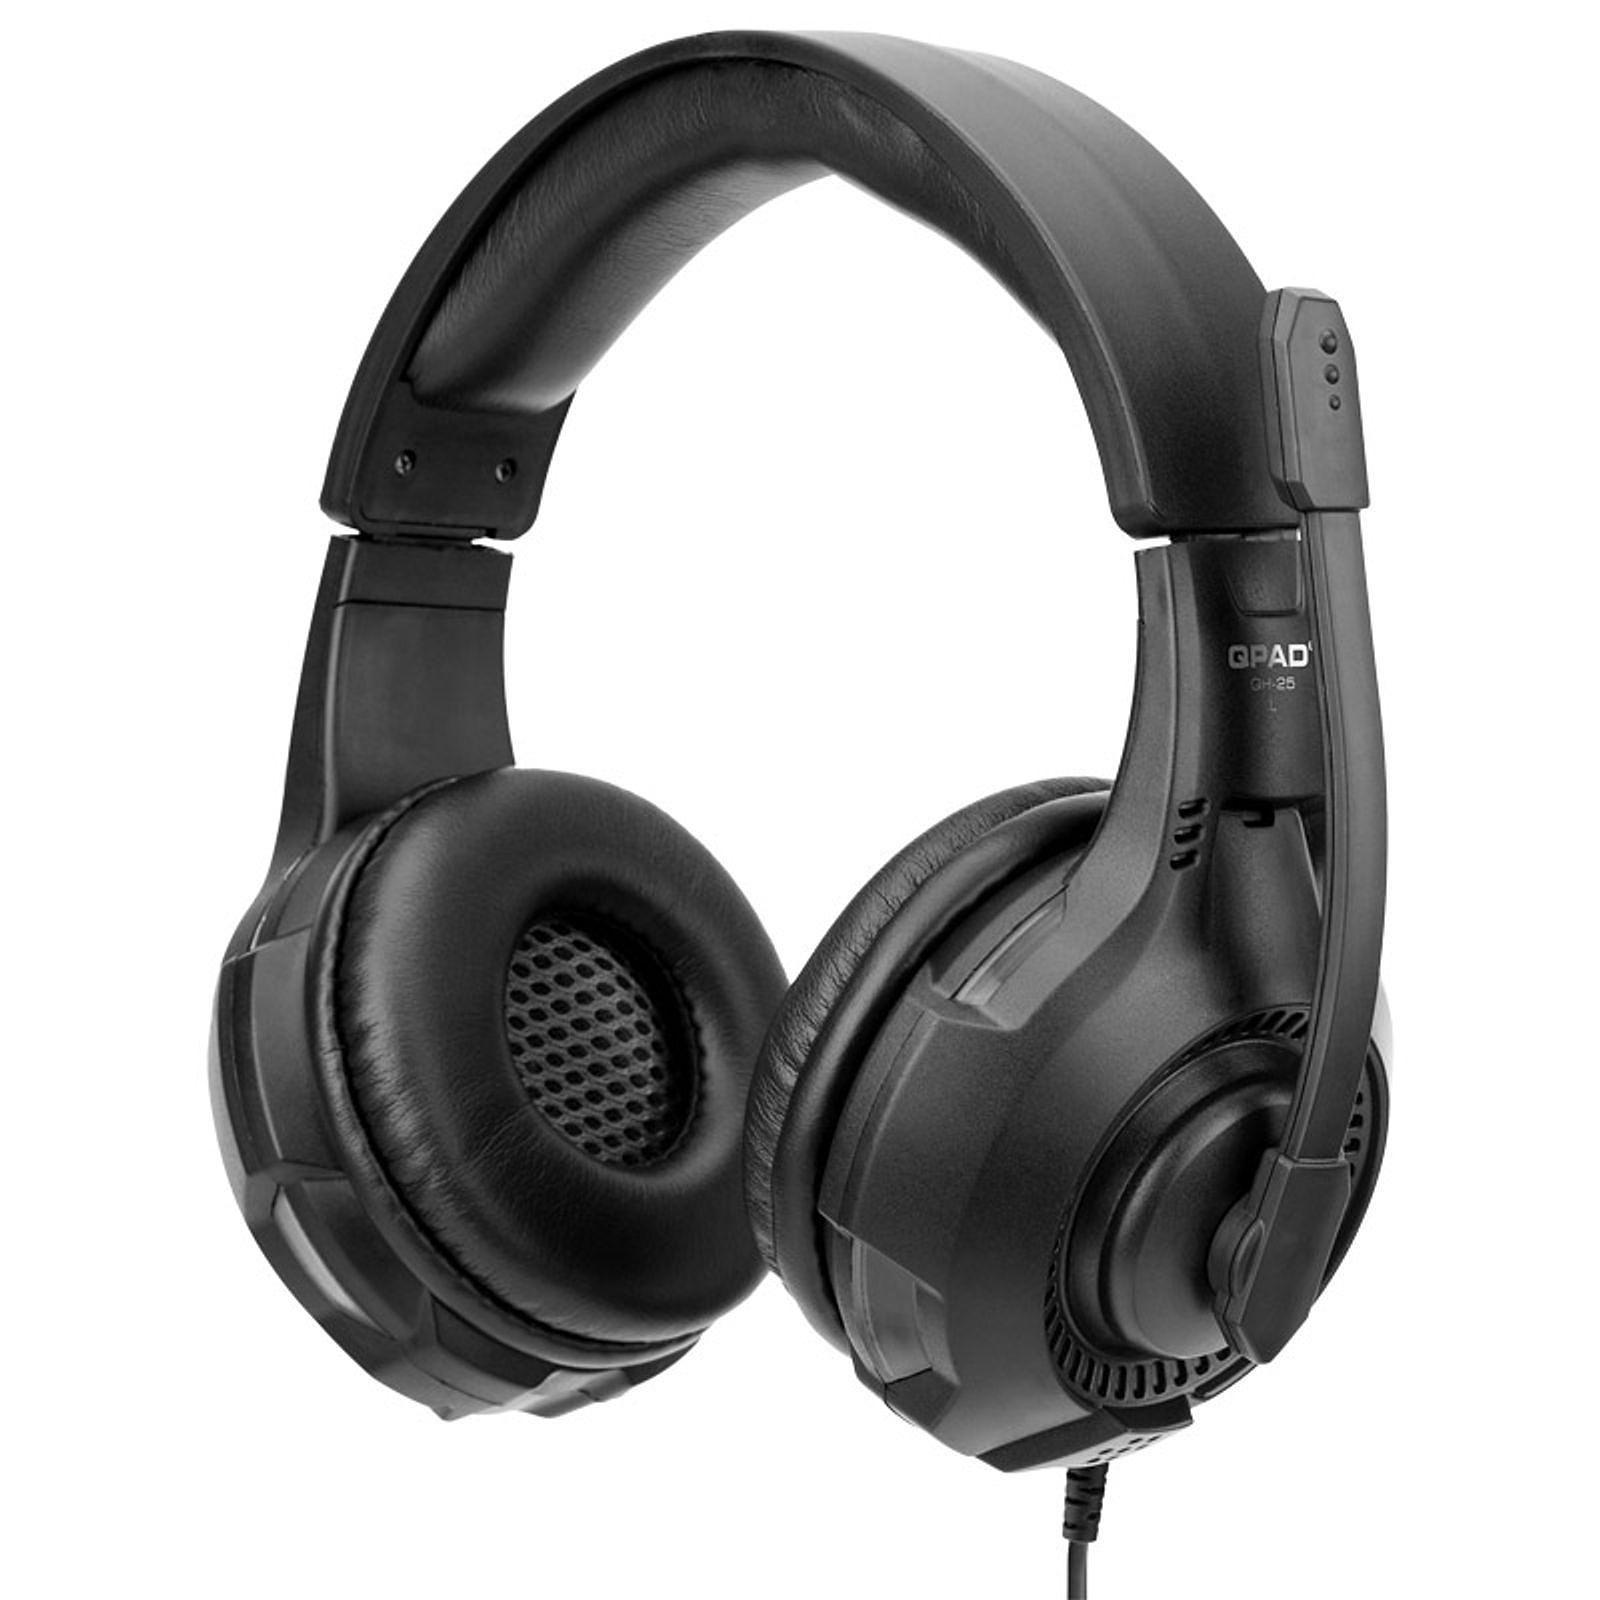 QPAD QH-25 True 7.1 Noir - Micro-casque - Cybertek.fr - 2